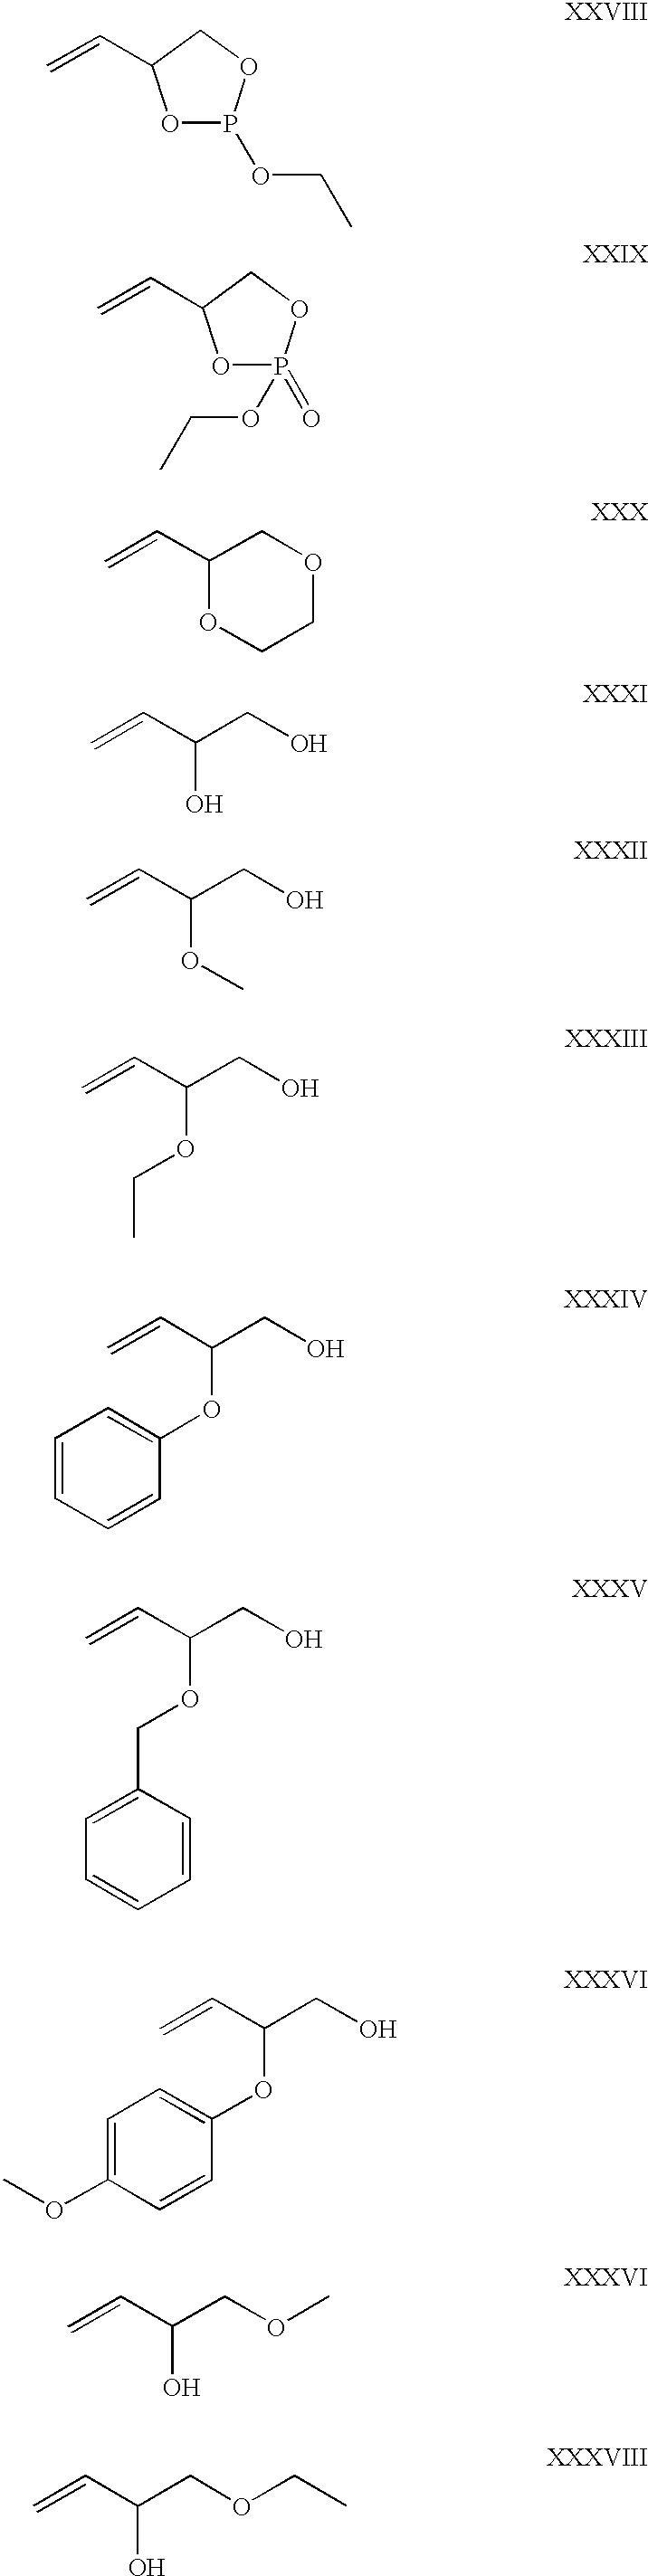 Figure US06608157-20030819-C00008